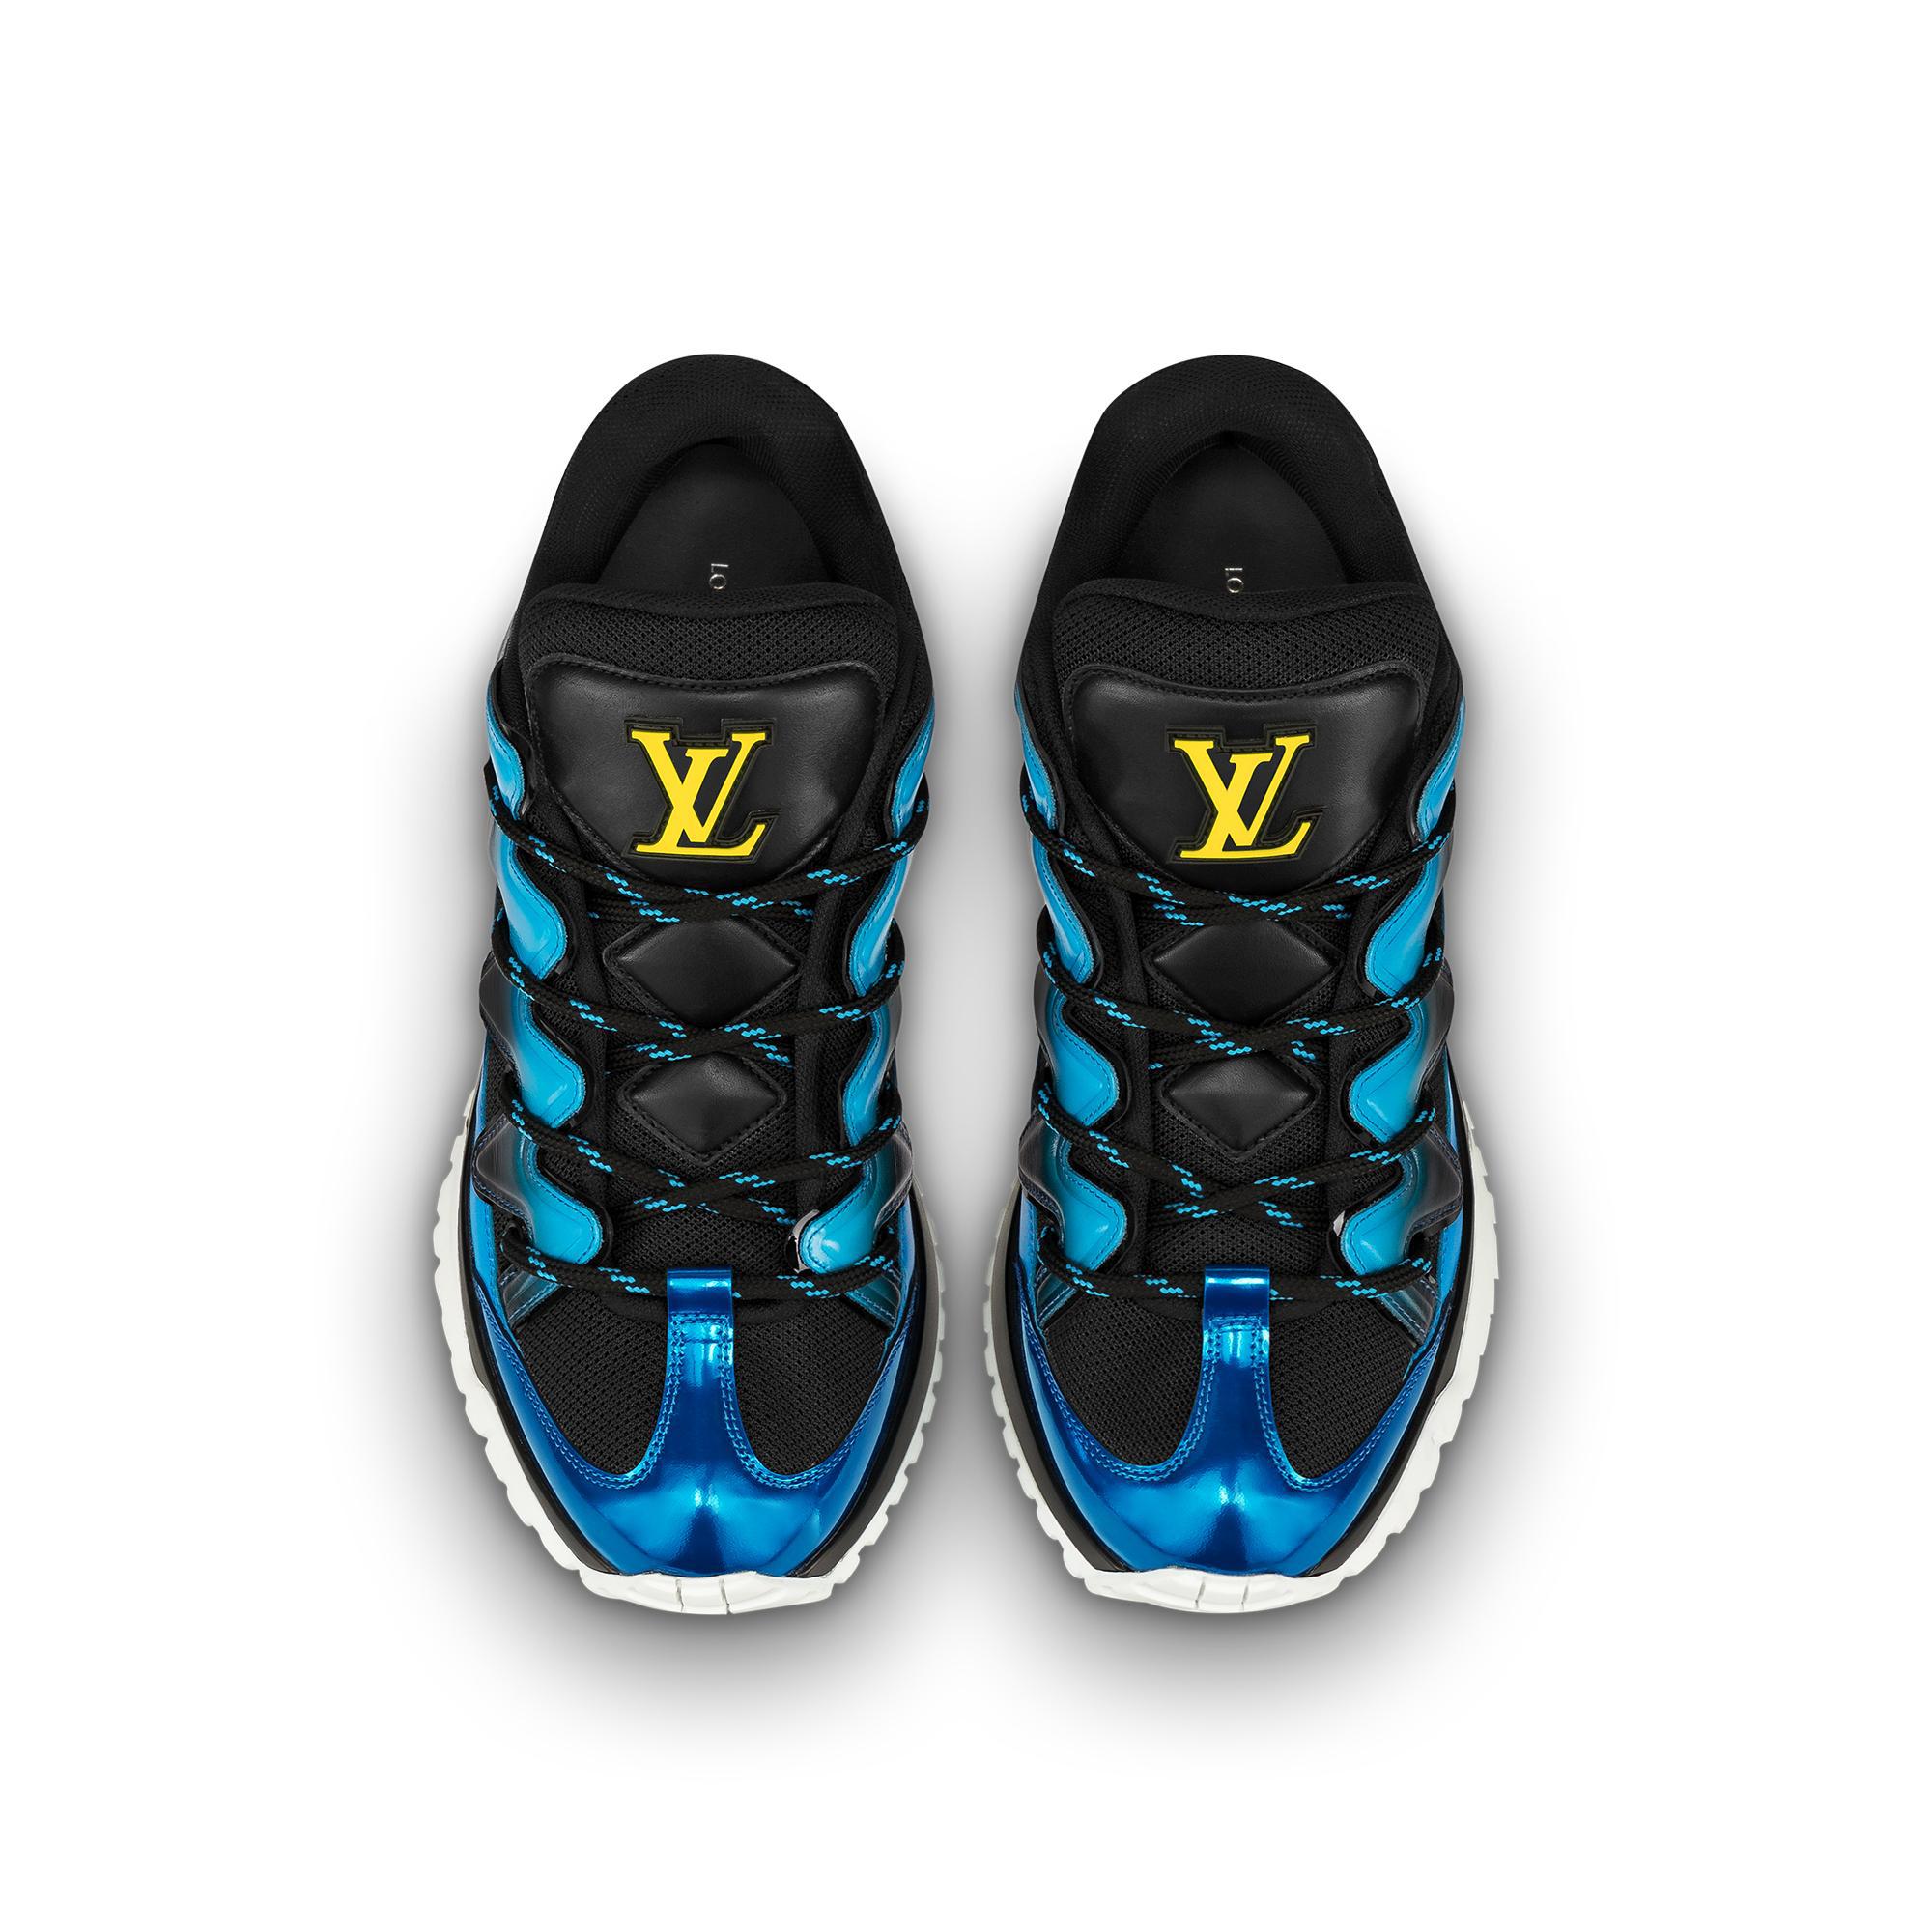 91199b3cfe8d Louis Vuitton Digital Exclusive Zig Zag Sneaker